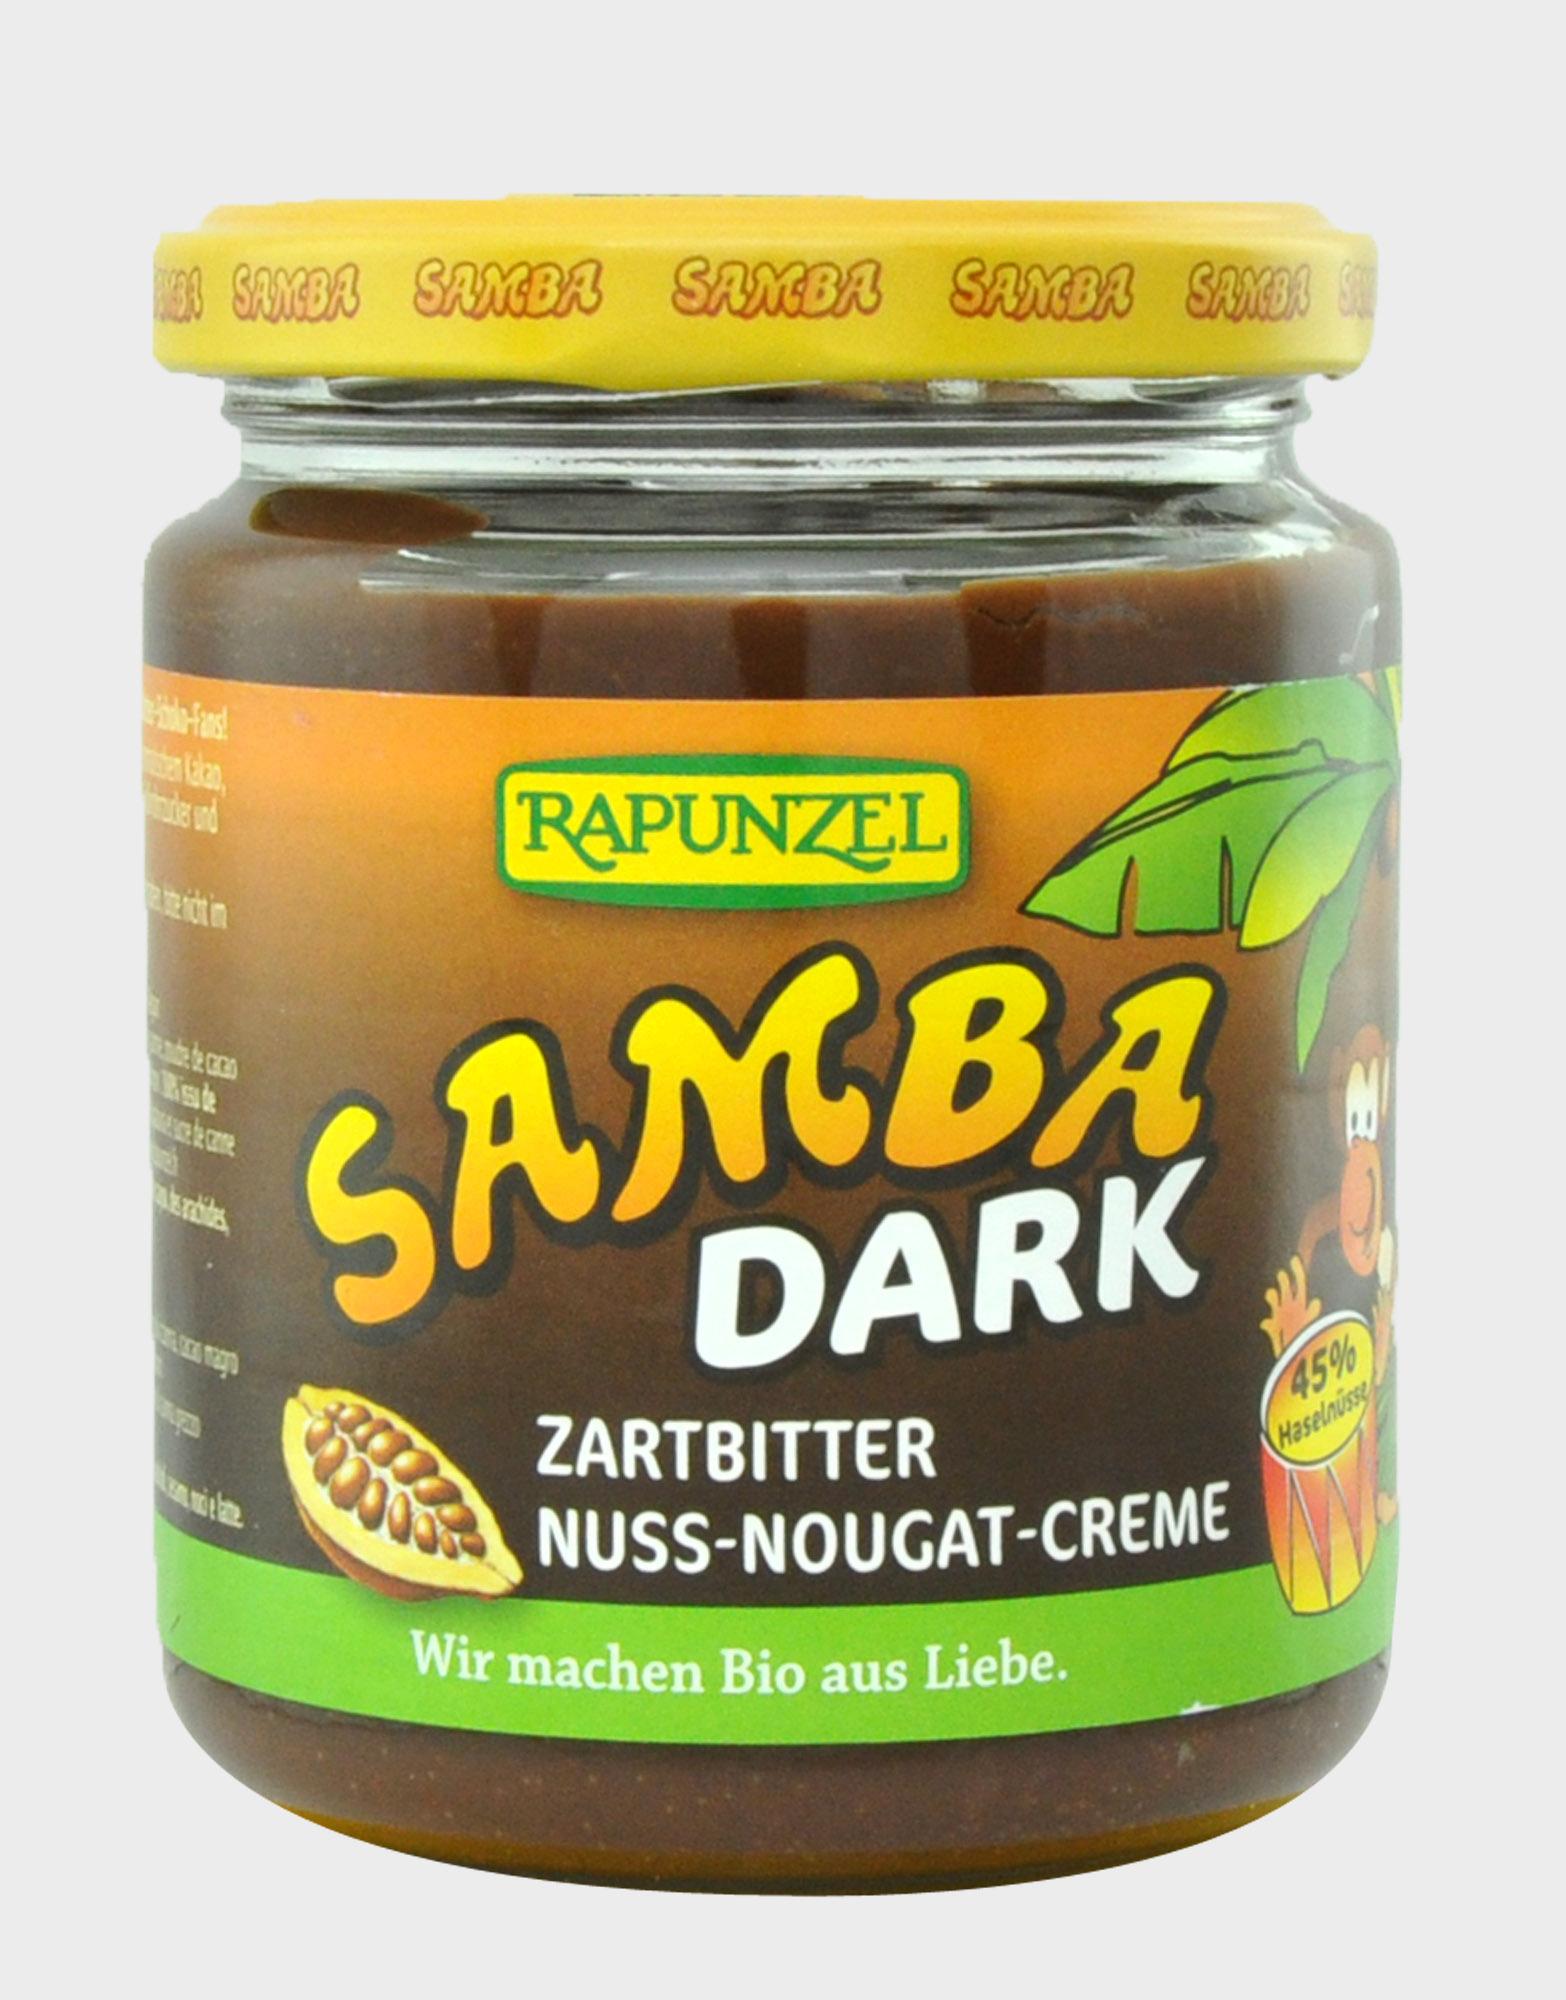 crema samba dark rapunzel